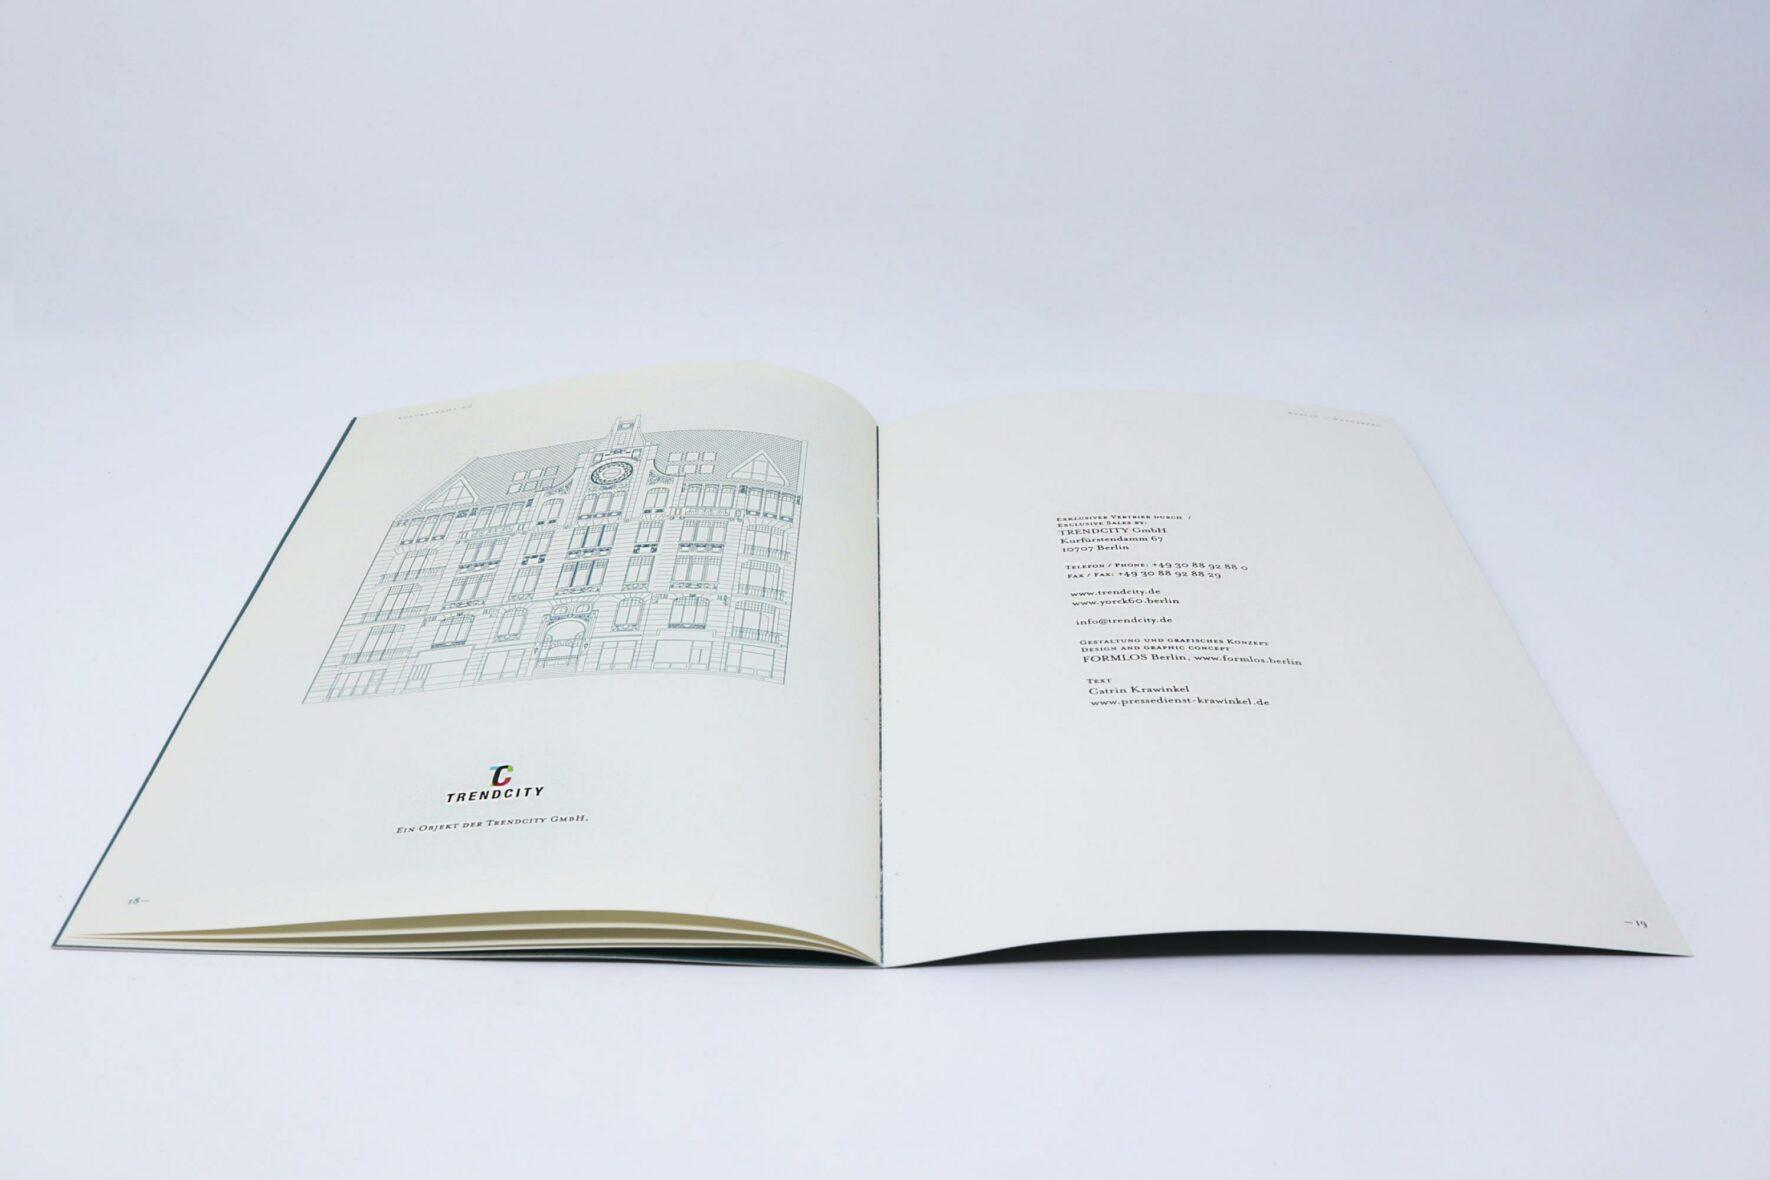 Corporate-Design-Trendcity-Immobilien-Broschüre-Layout-9